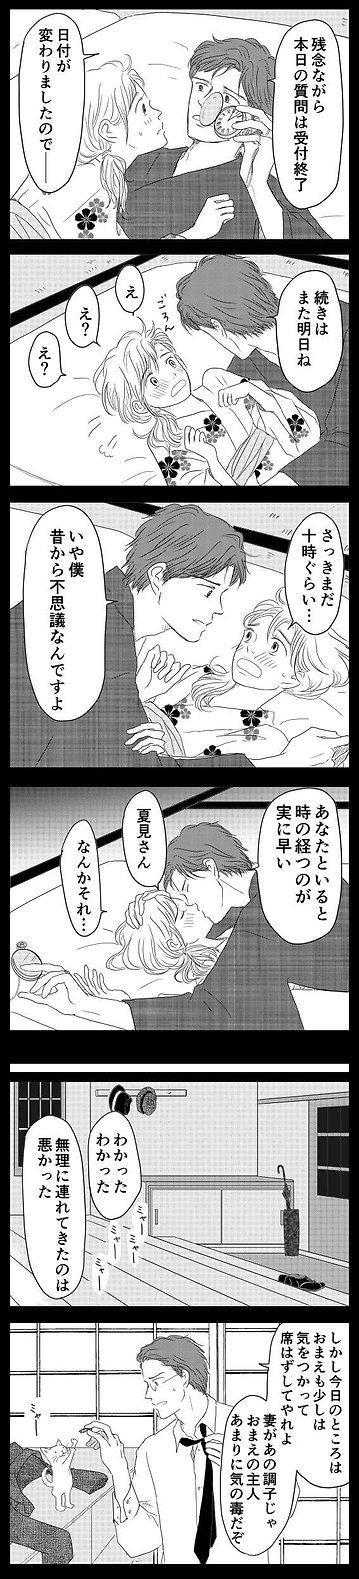 はじまりの日23.jpg